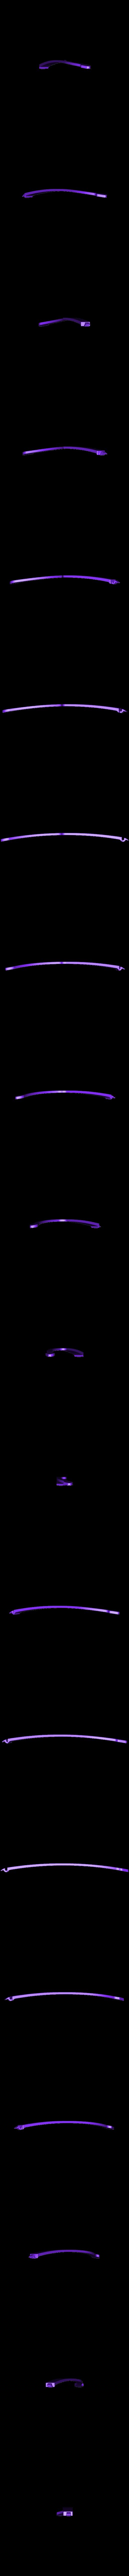 PATILLAIZ.stl Télécharger fichier STL gratuit remplacement des branches de lunettes • Objet pour impression 3D, rubenzilzer